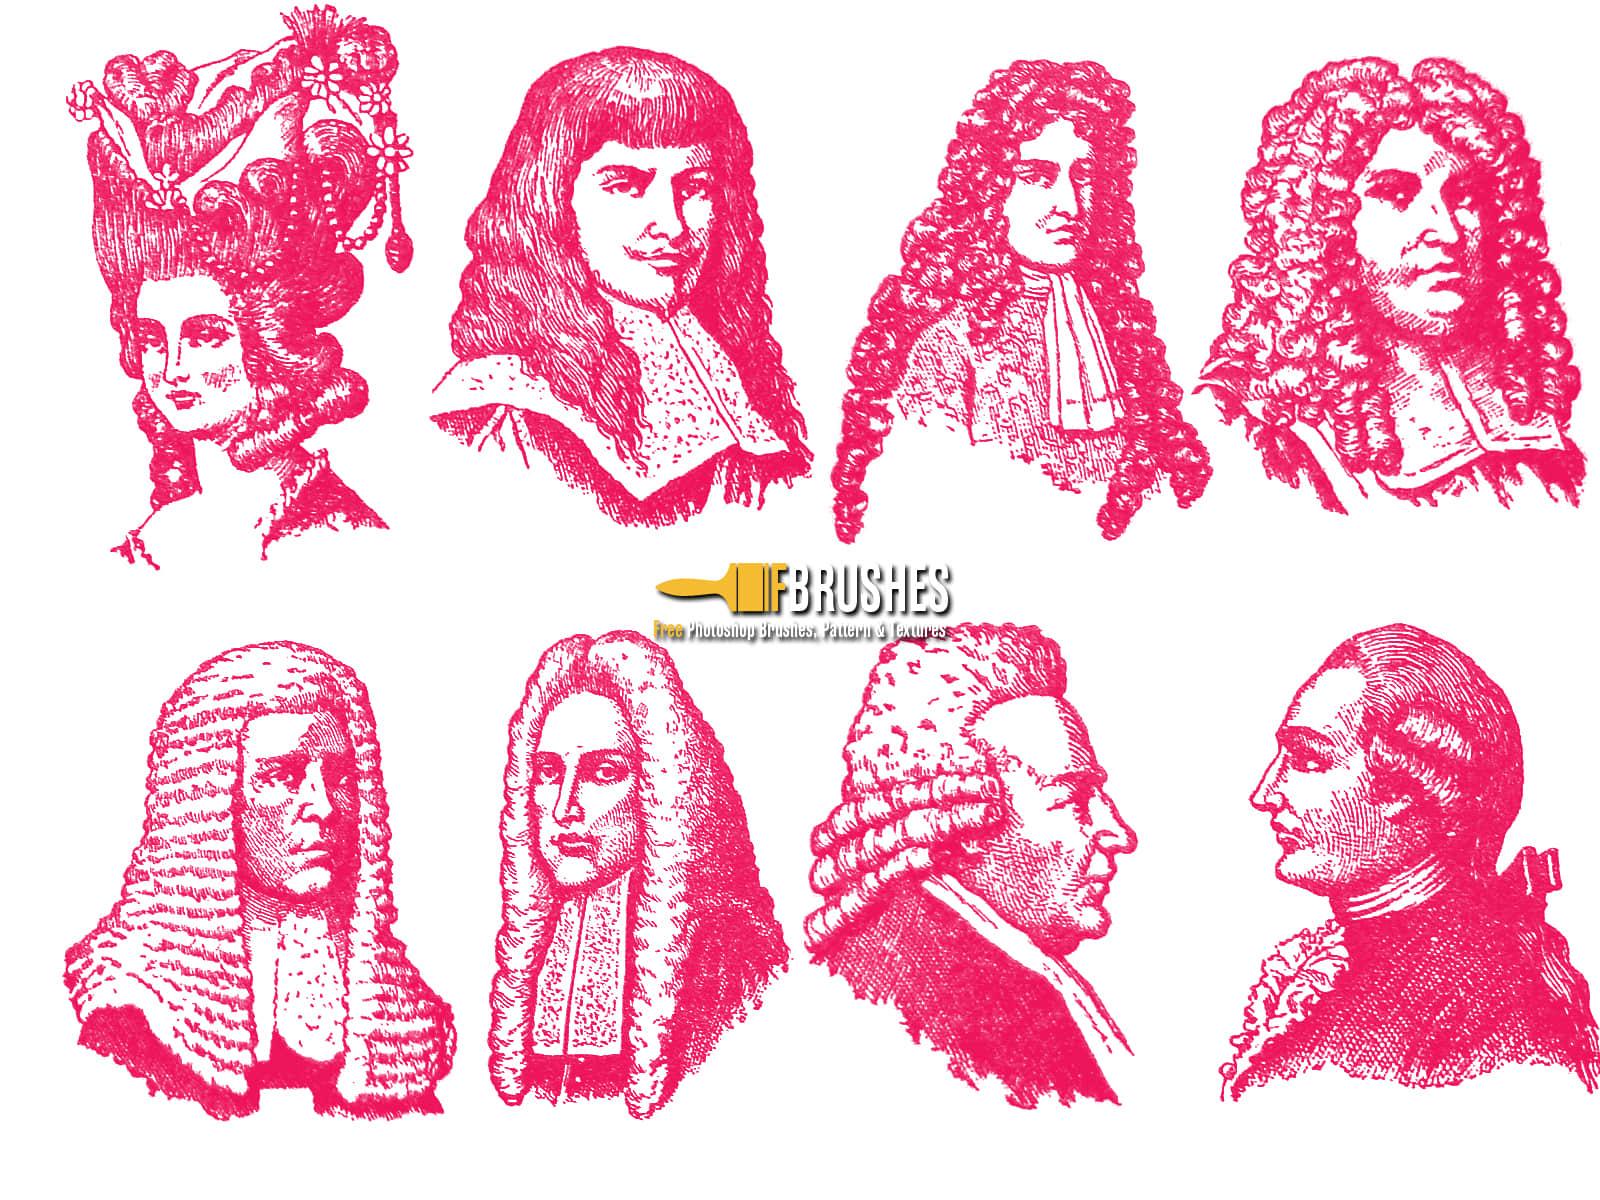 欧洲中世纪贵族假发人物造型PS笔刷素材下载 欧洲贵族笔刷  characters brushes